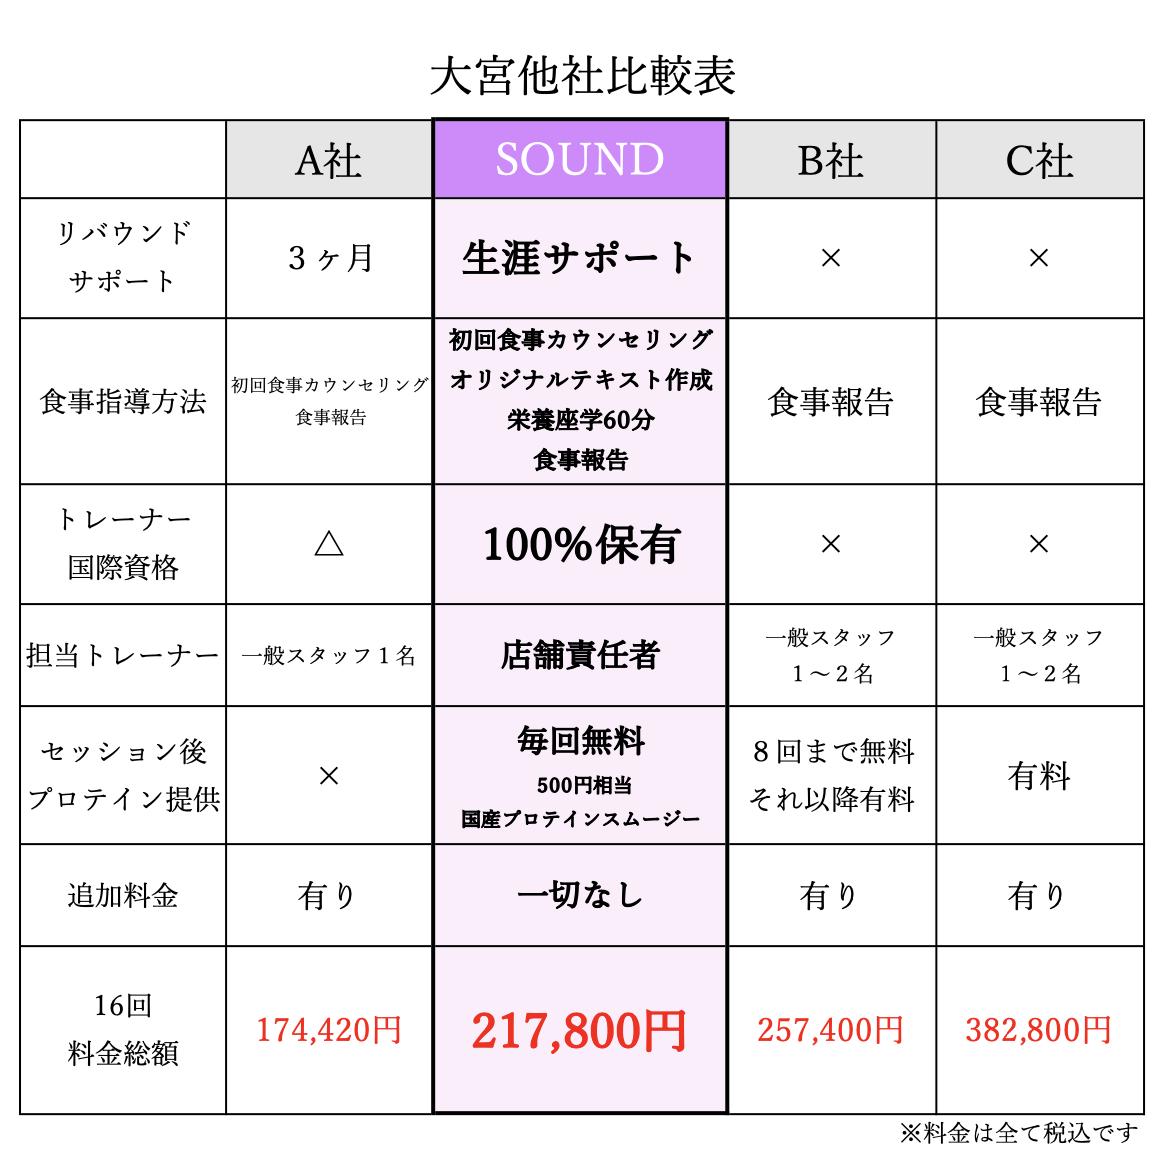 パーソナルトレーニングジム料金比較表